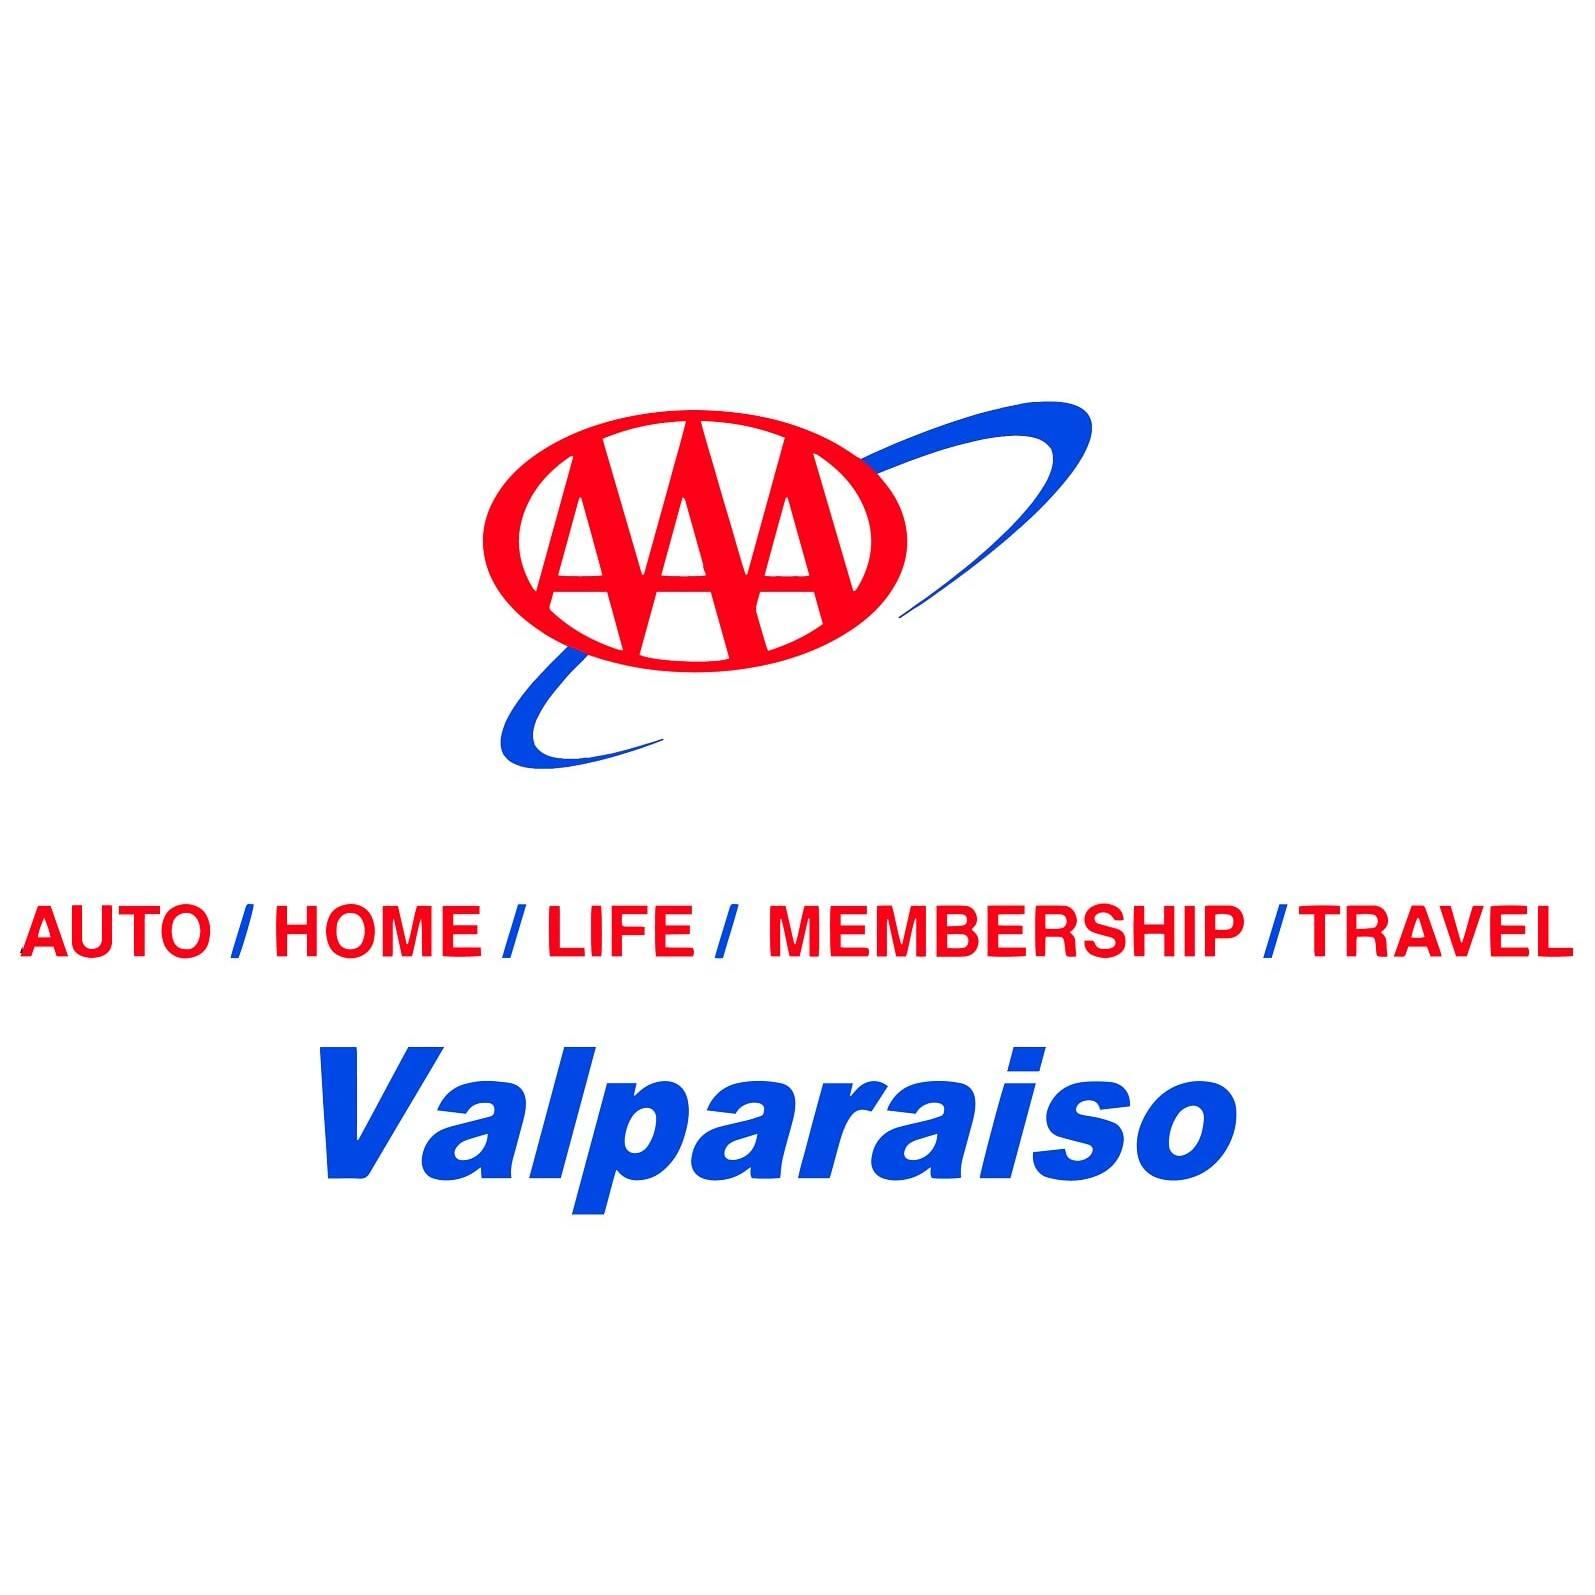 AAA Valparaiso